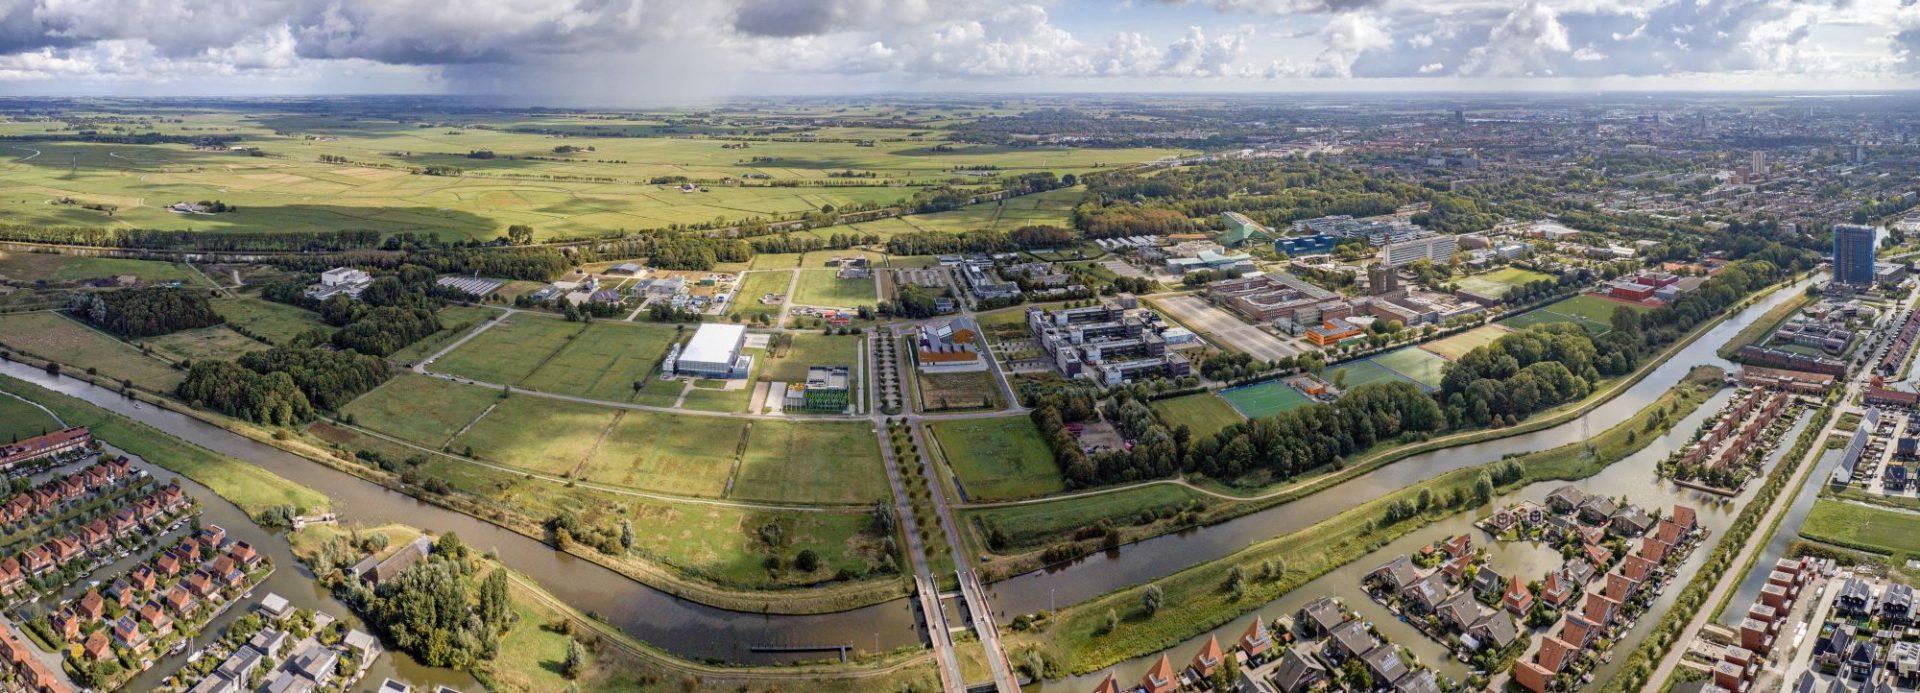 Campus Groningen zet in op verbinding met de regio